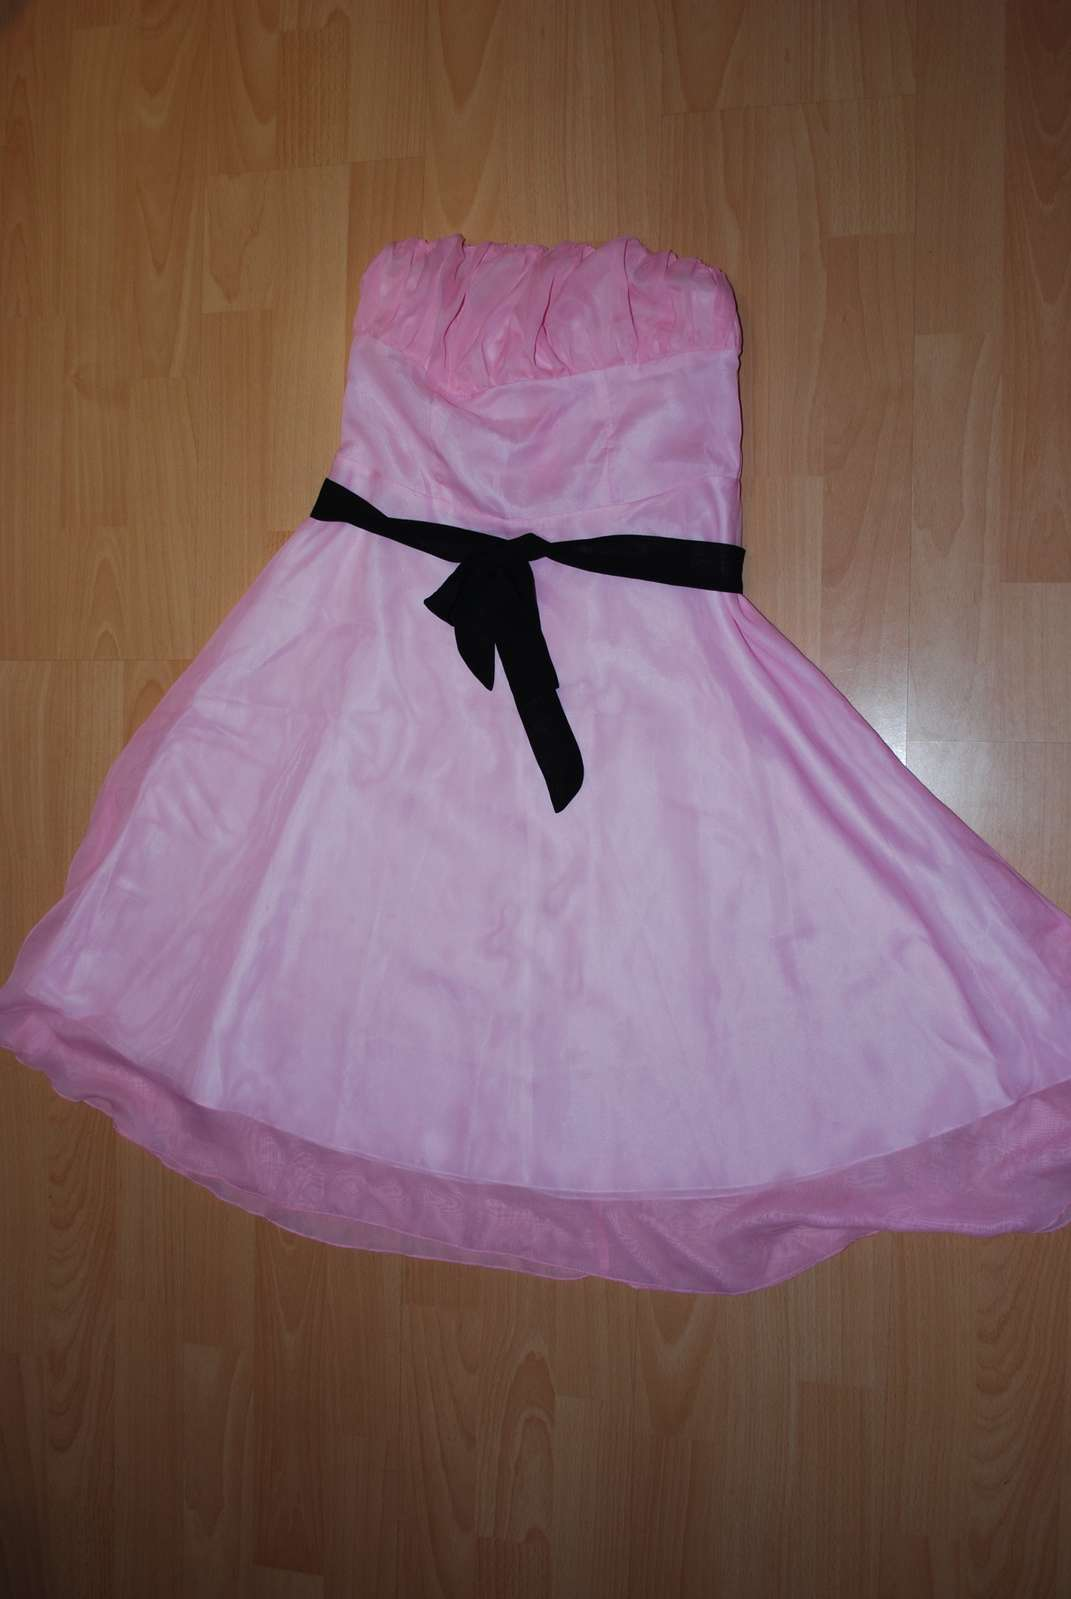 Družičkovské šaty 2ks - Obrázok č. 1